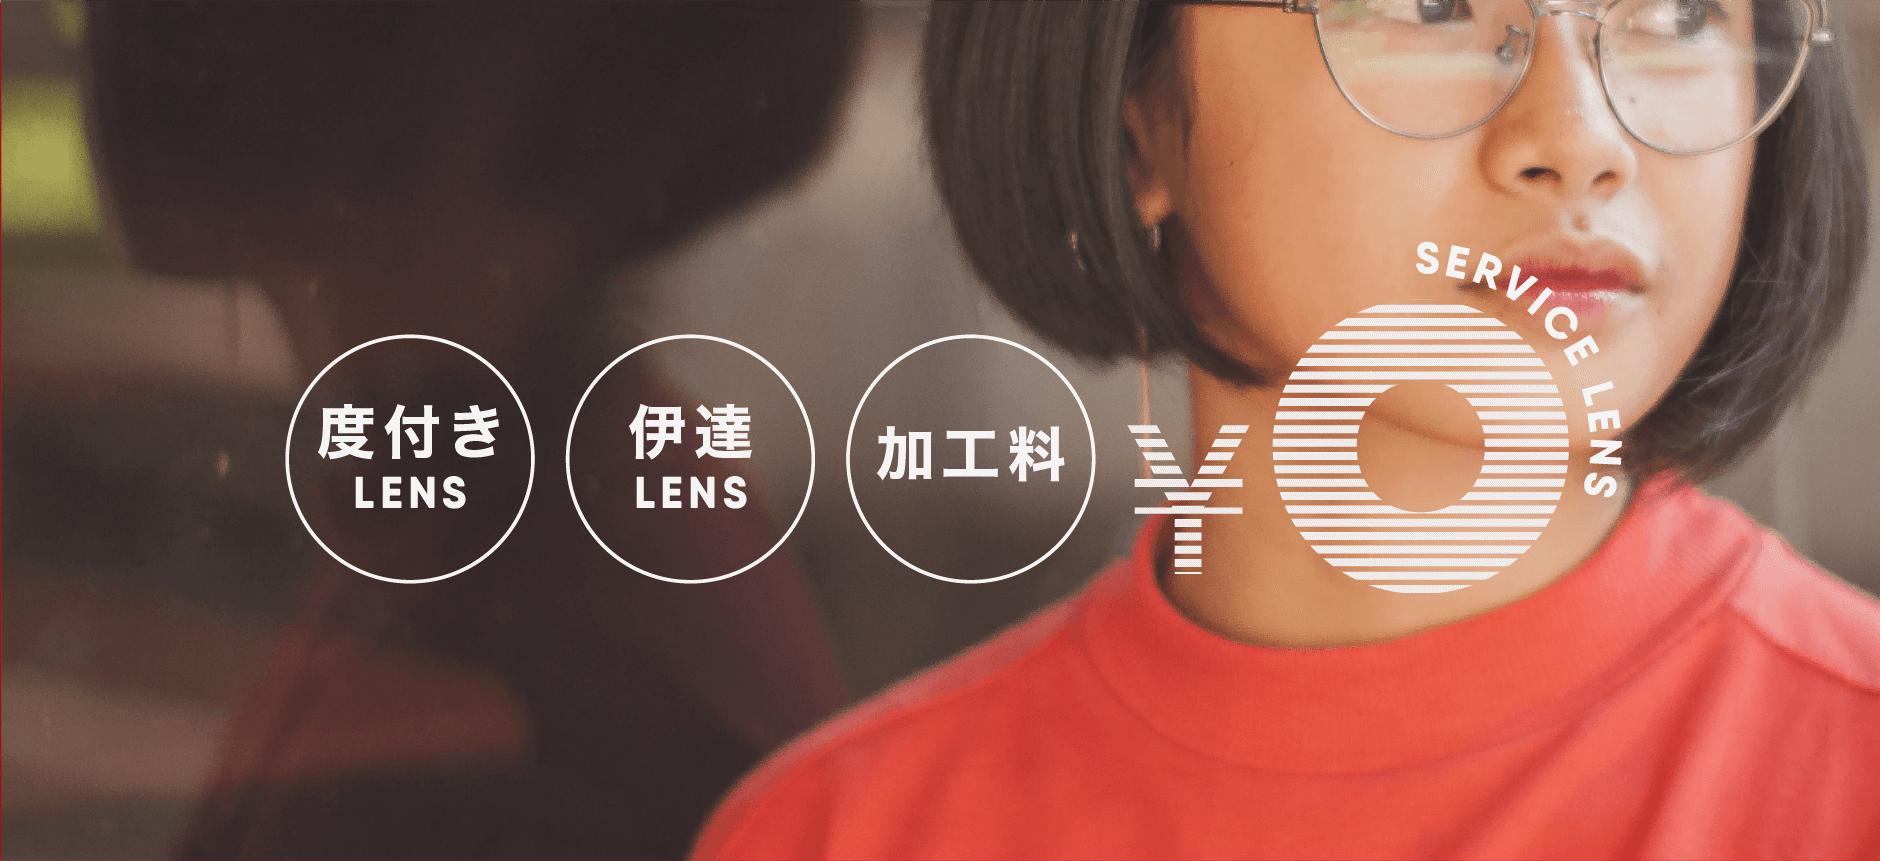 0円サービスレンズ対応メガネフレーム